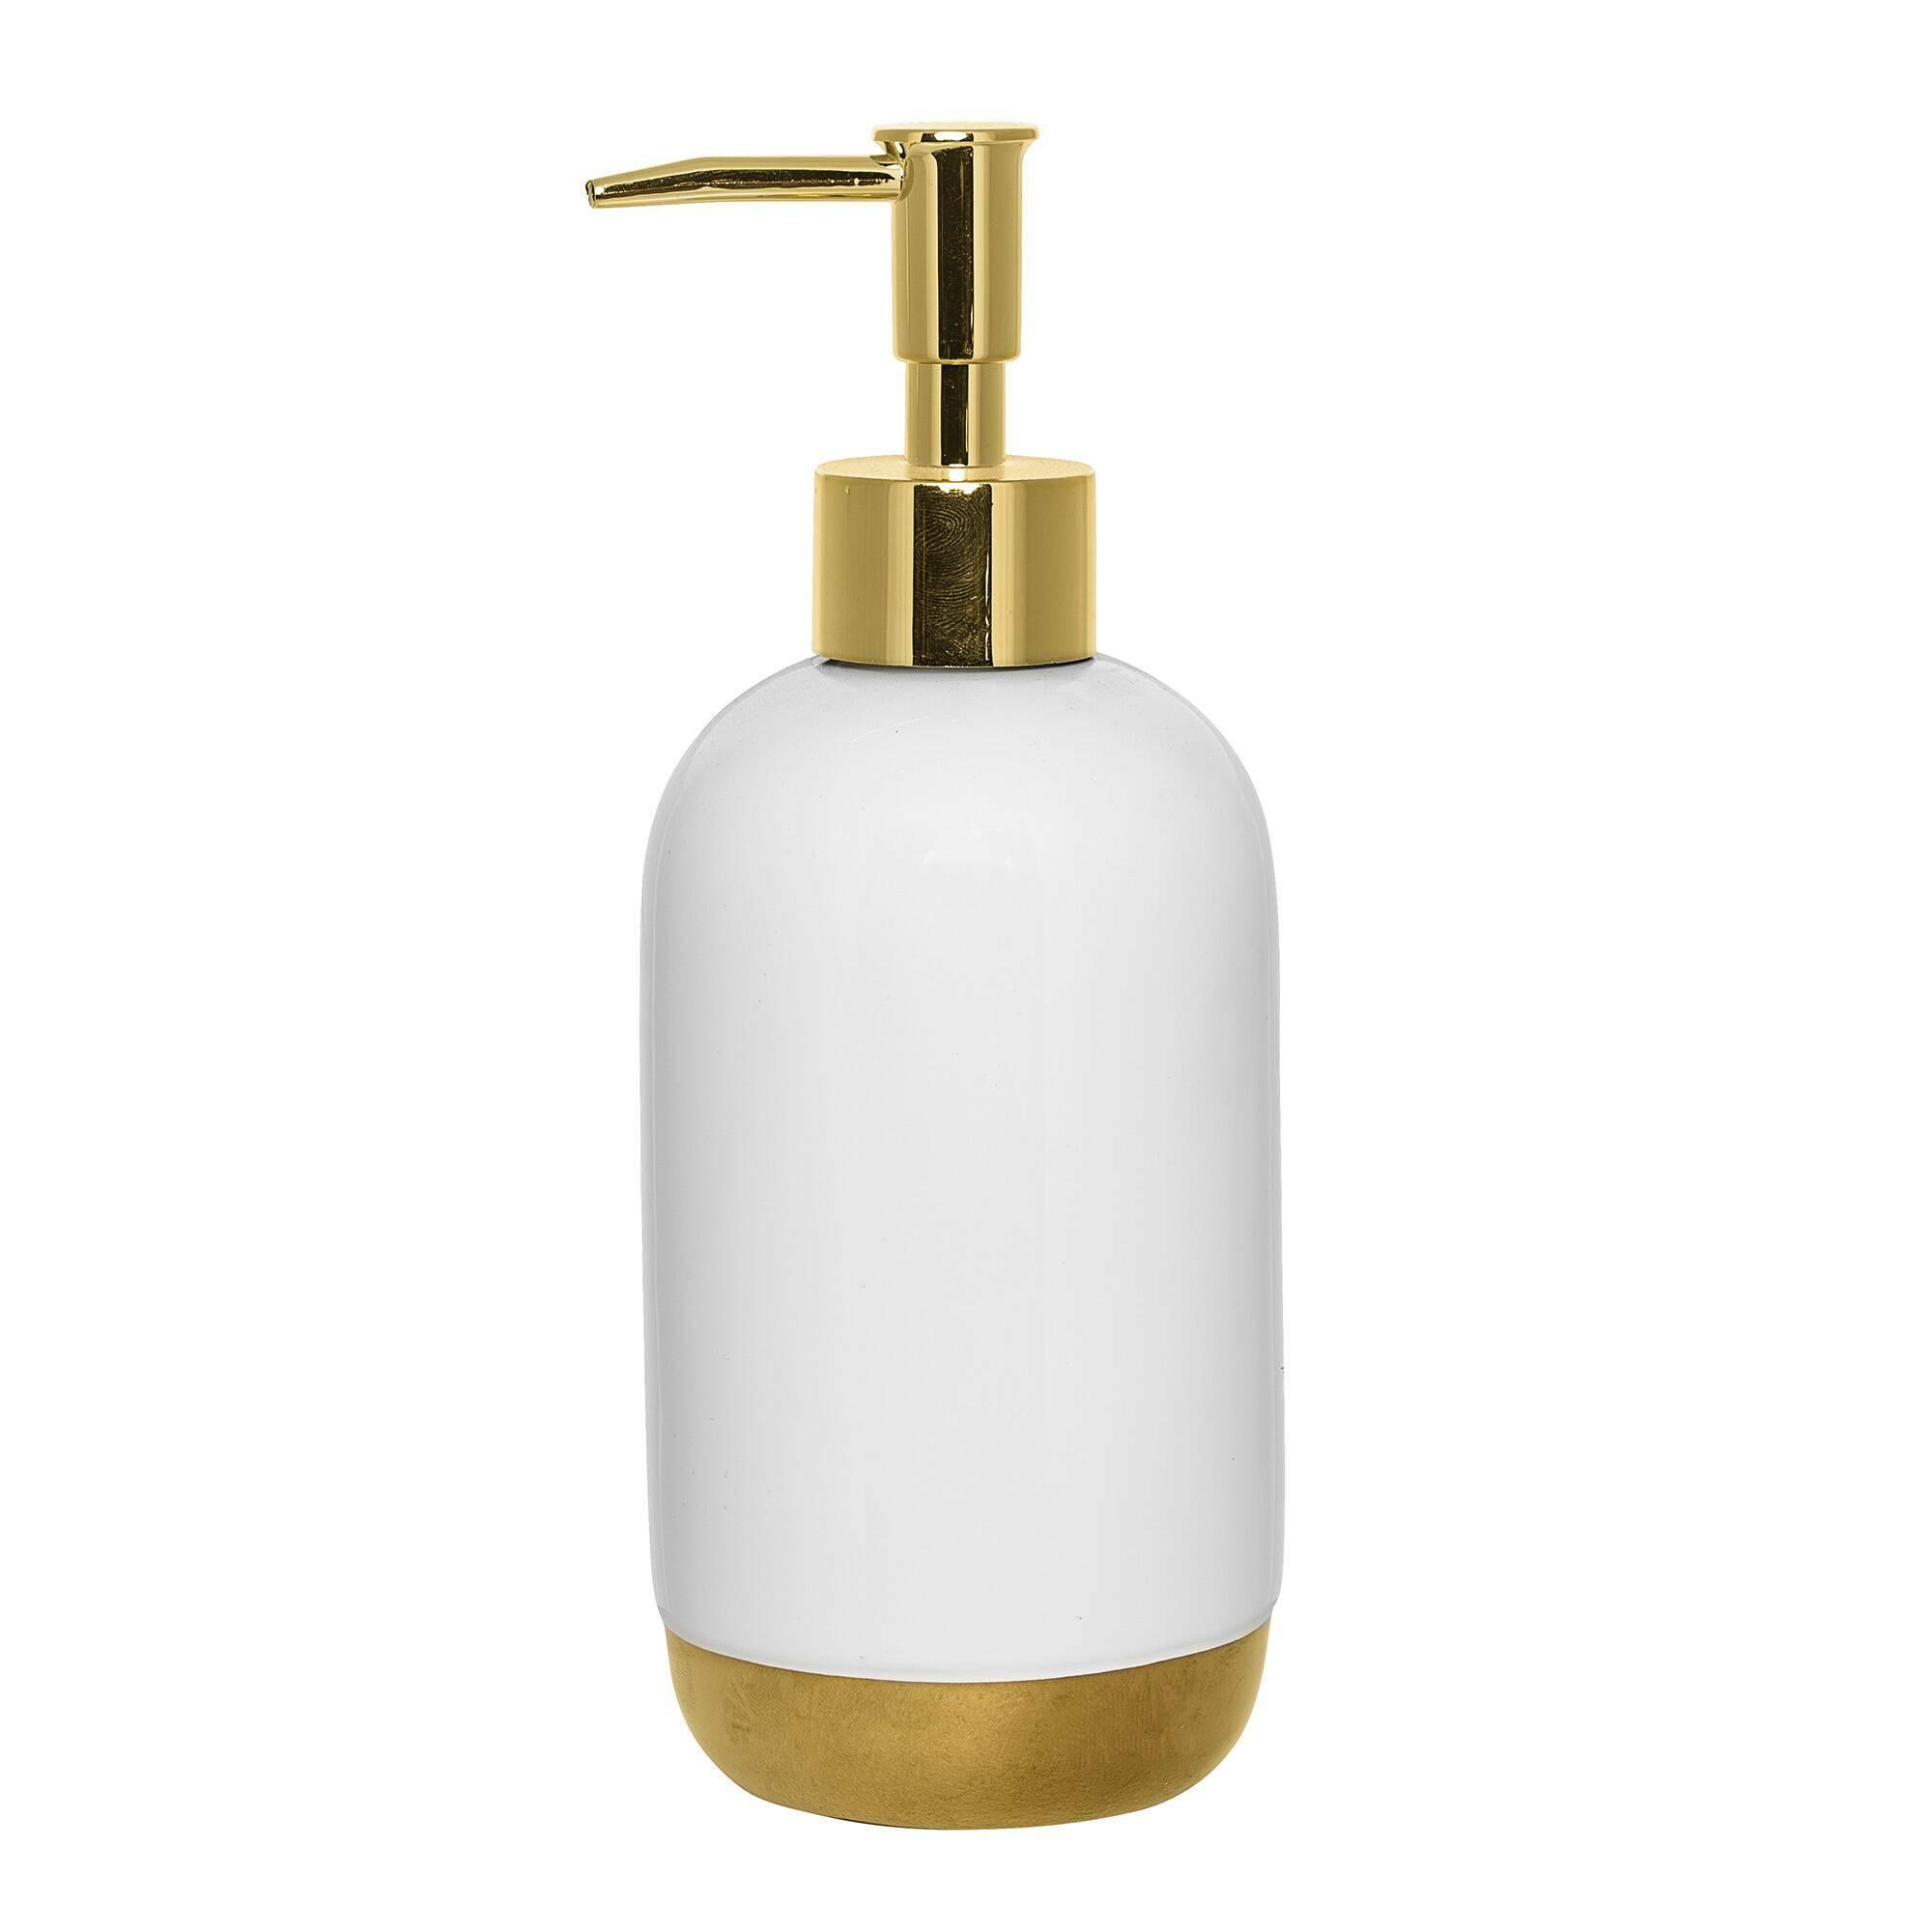 Диспенсер для мыла White&amp;GoldРазное<br><br><br>stock: 0<br>Высота: 19,5<br>Материал: Керамика<br>Цвет: Белый<br>Диаметр: 7,5